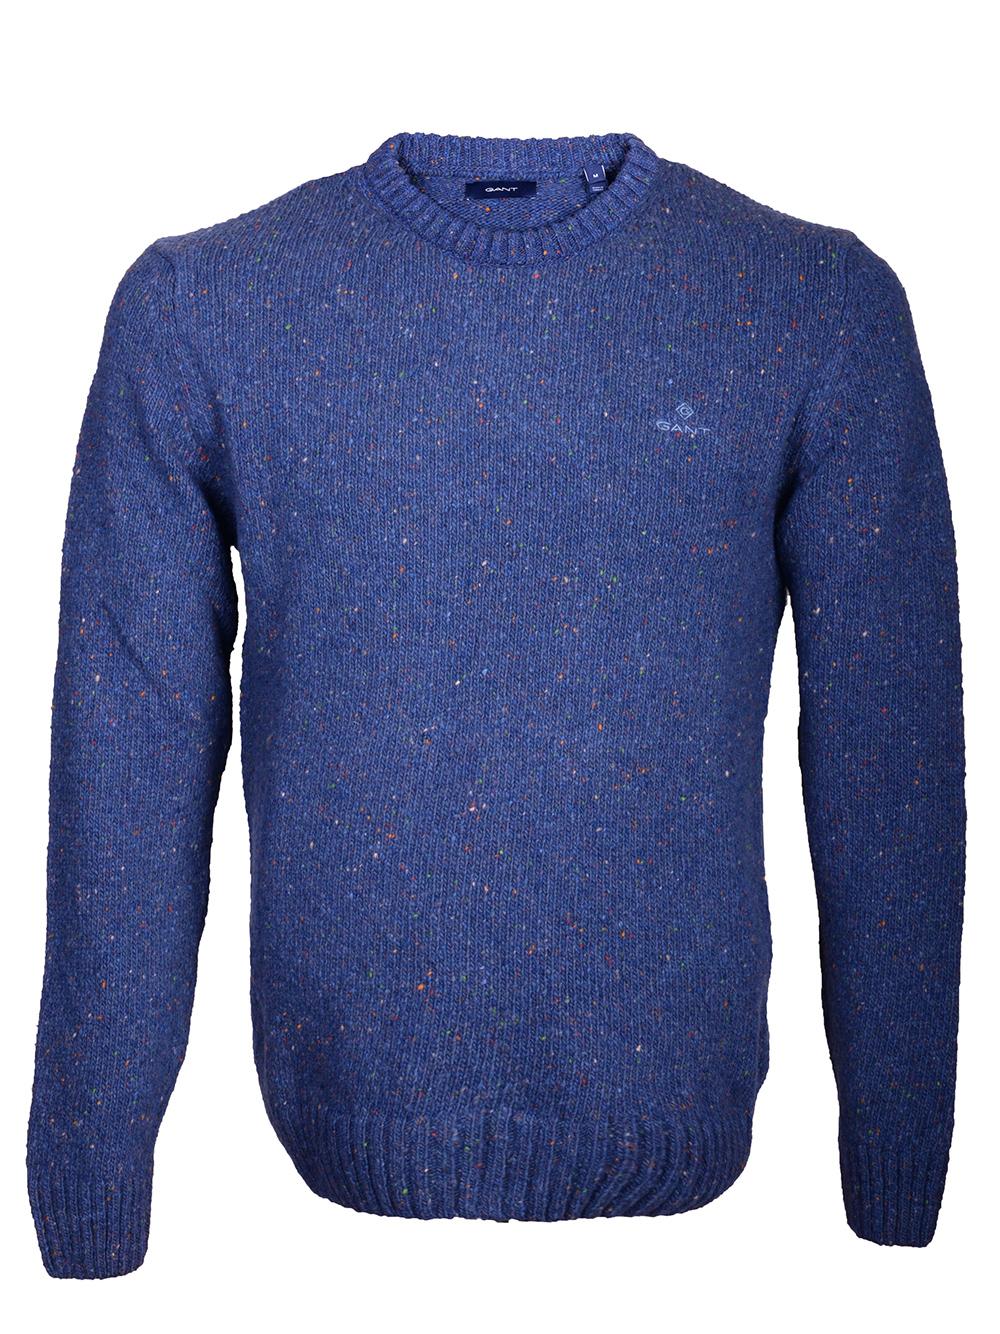 GANT Μπλούζα πουλόβερ 3G8040059-5-433 ΜΠΛΕ